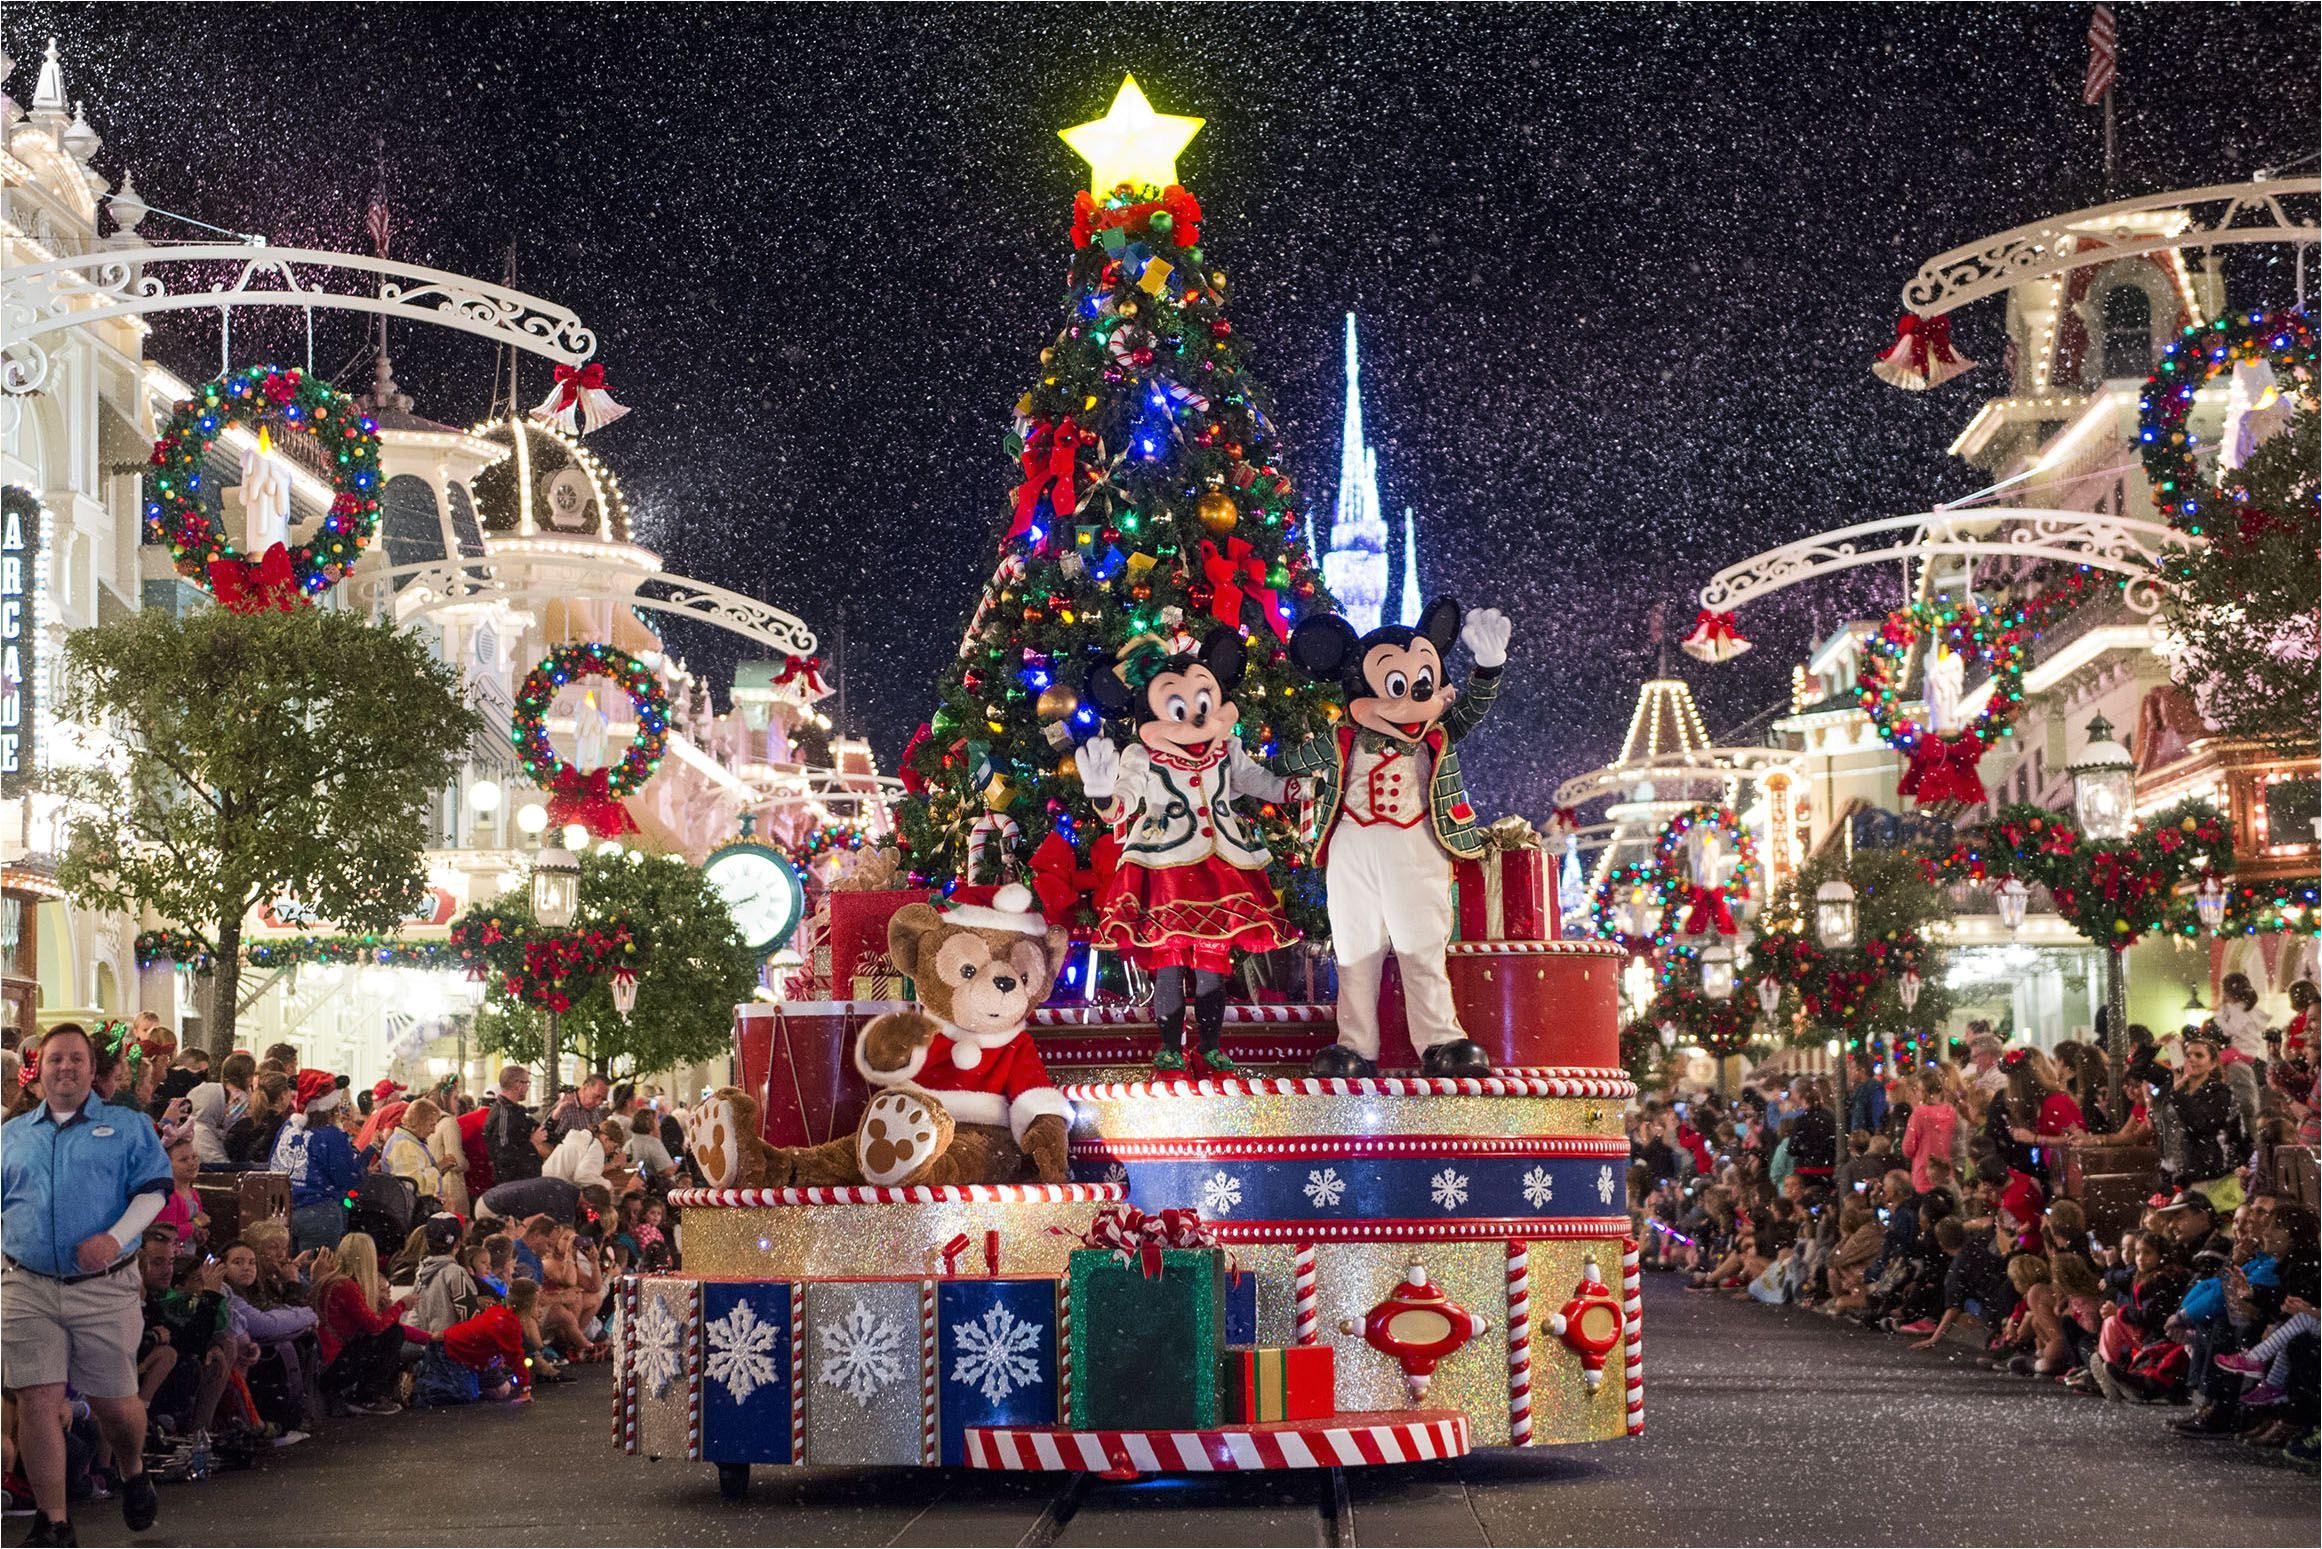 wdw mk mickeyschristmasparade 571289b83df78c3fa2d4dec9 jpg